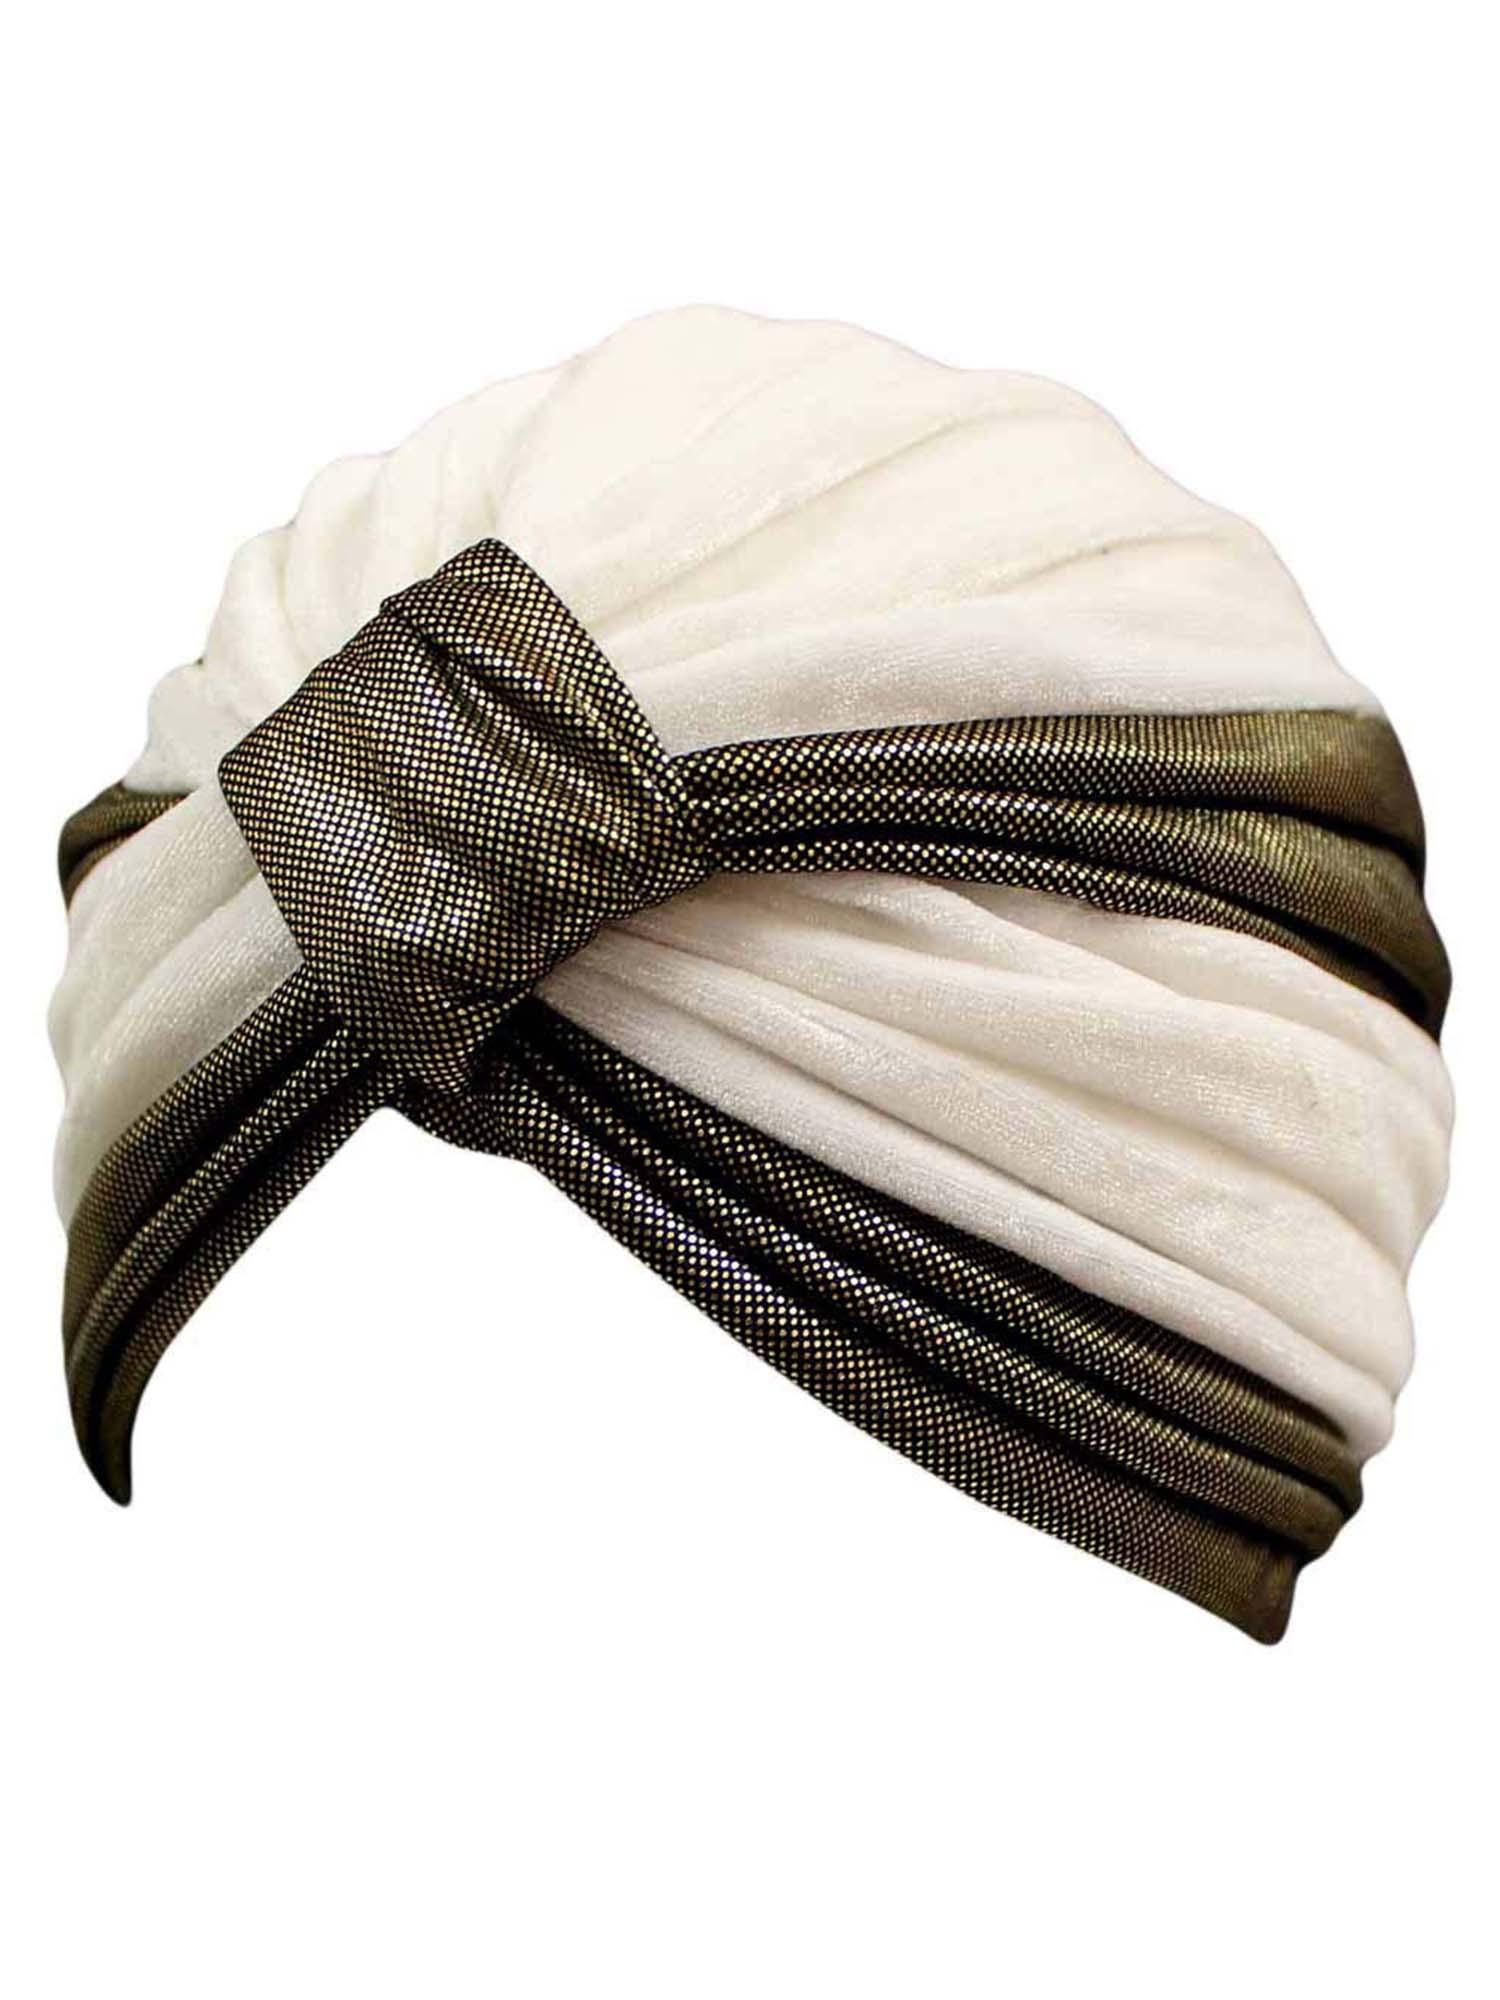 Details about TWO-TONE VELOUR FASHION TURBAN HEAD WRAP